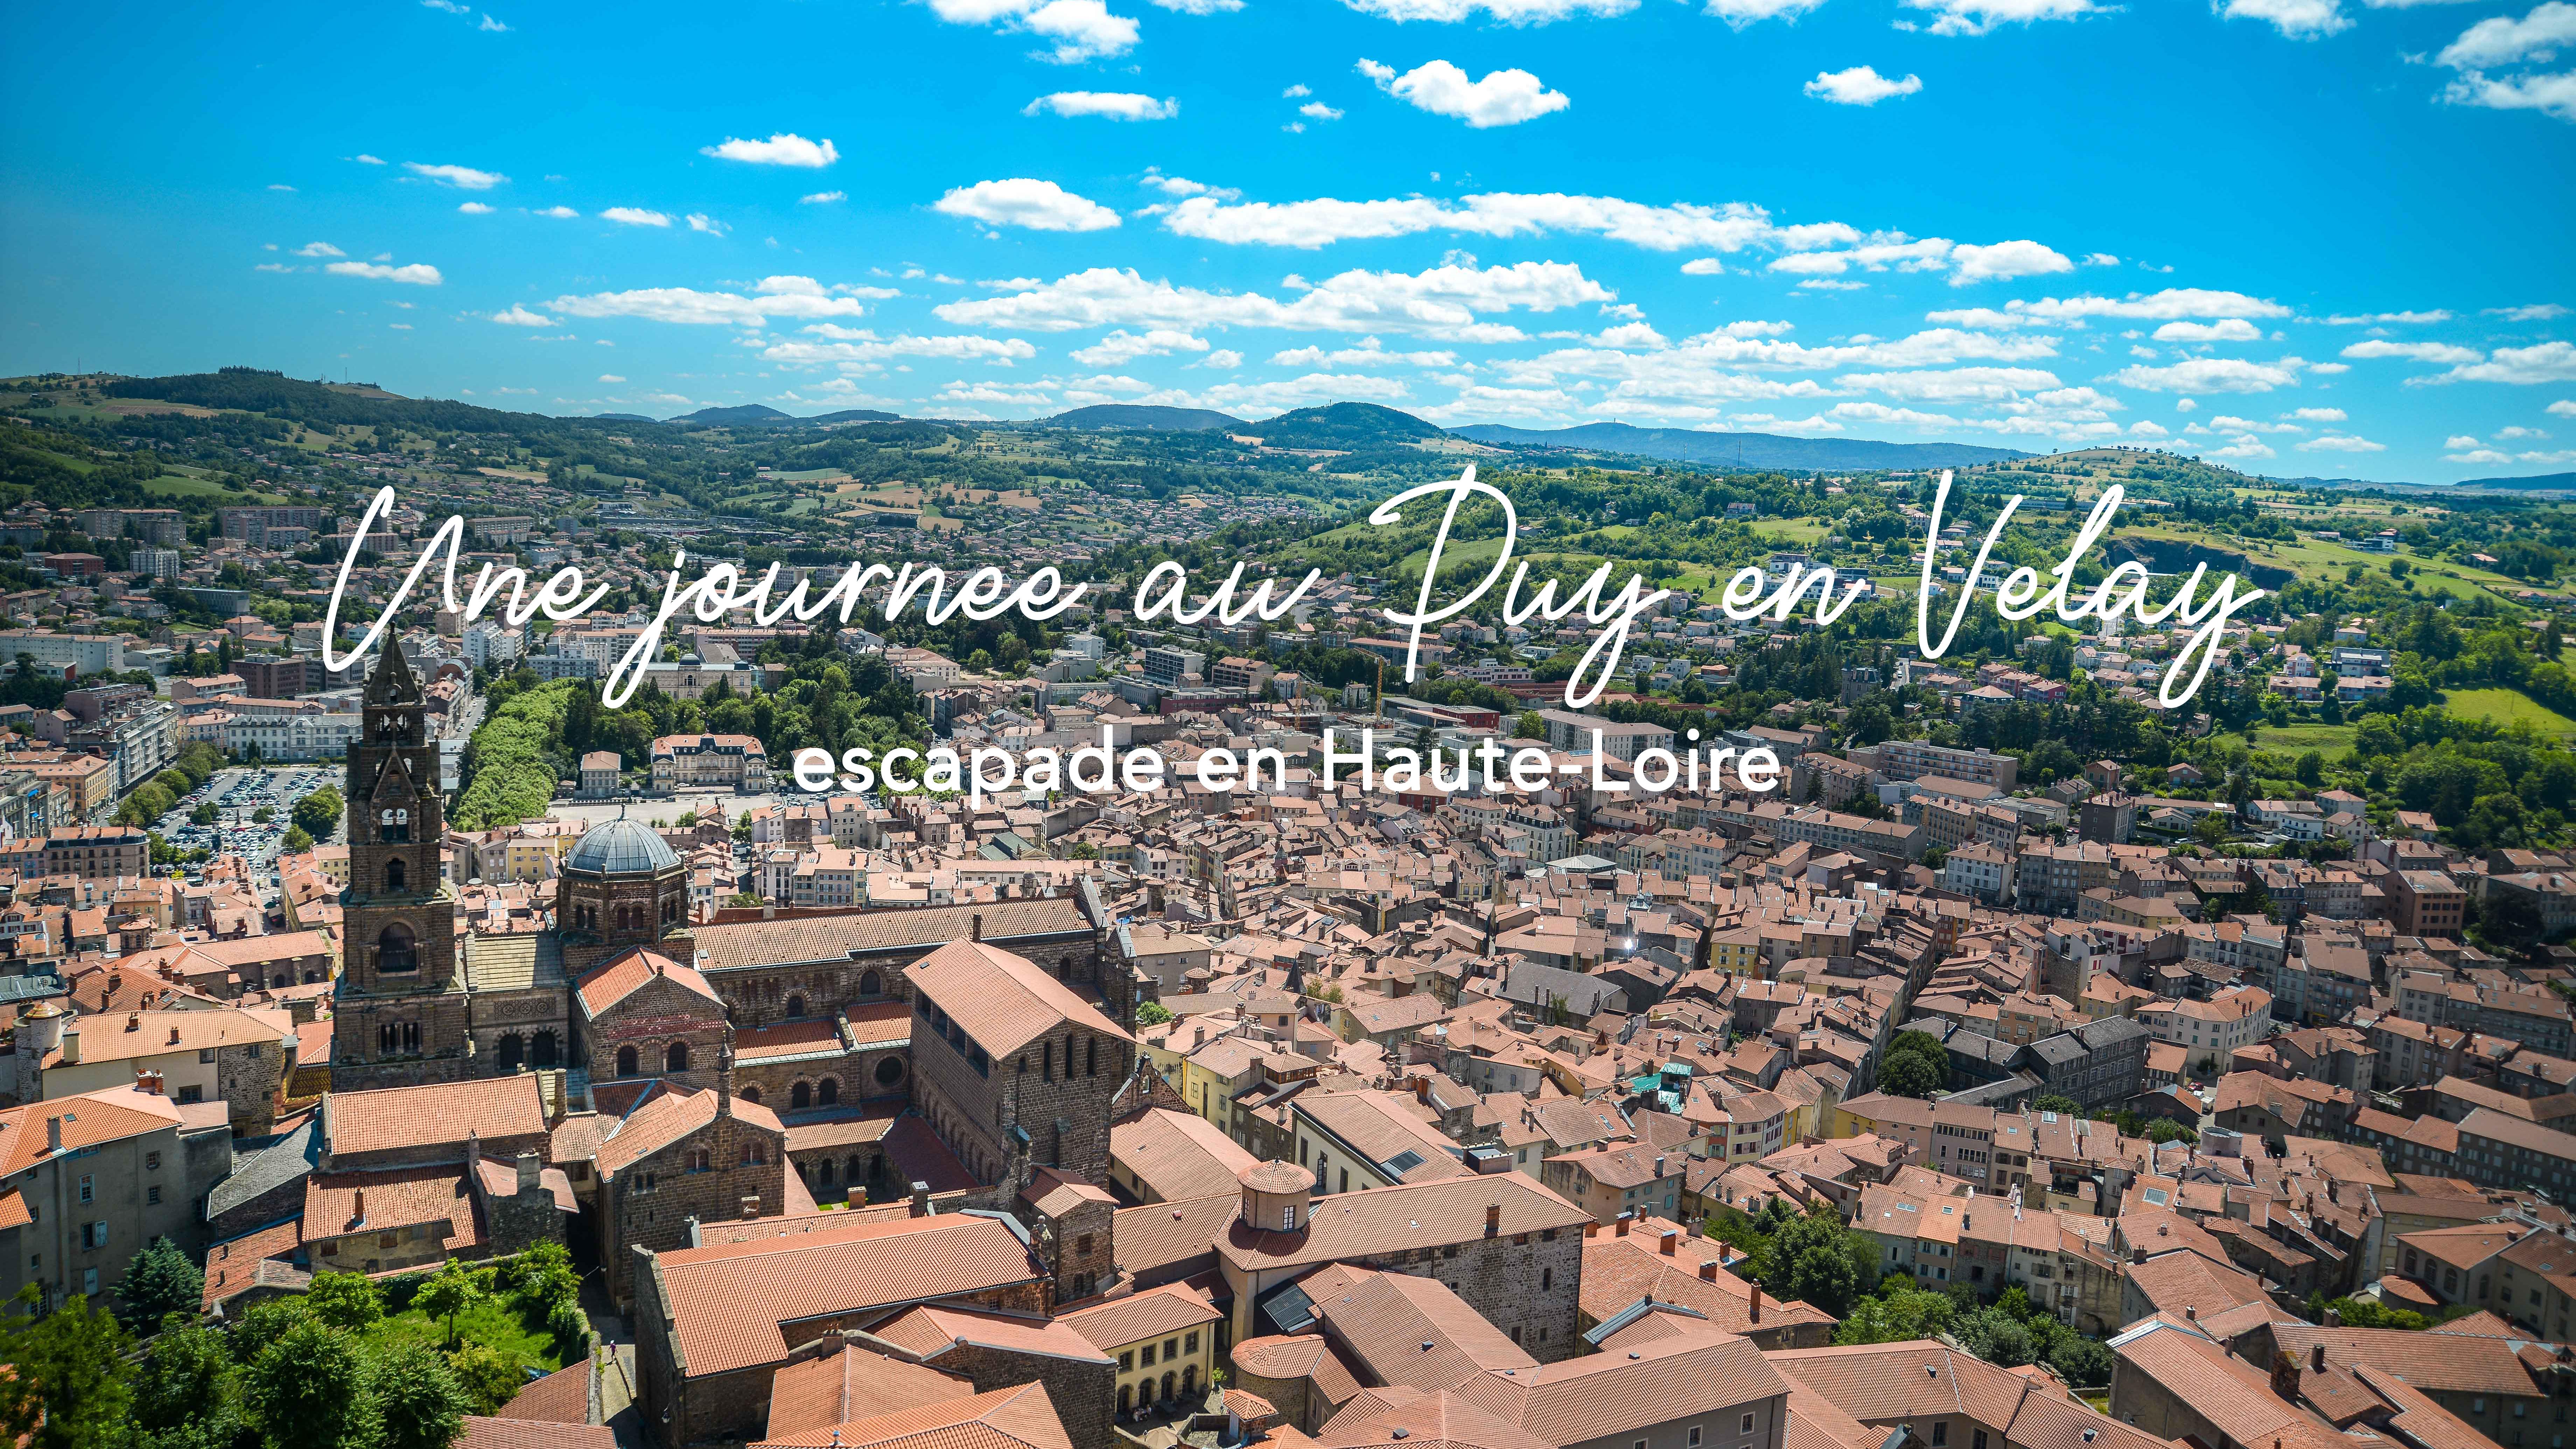 Une journée au Puy en Velay